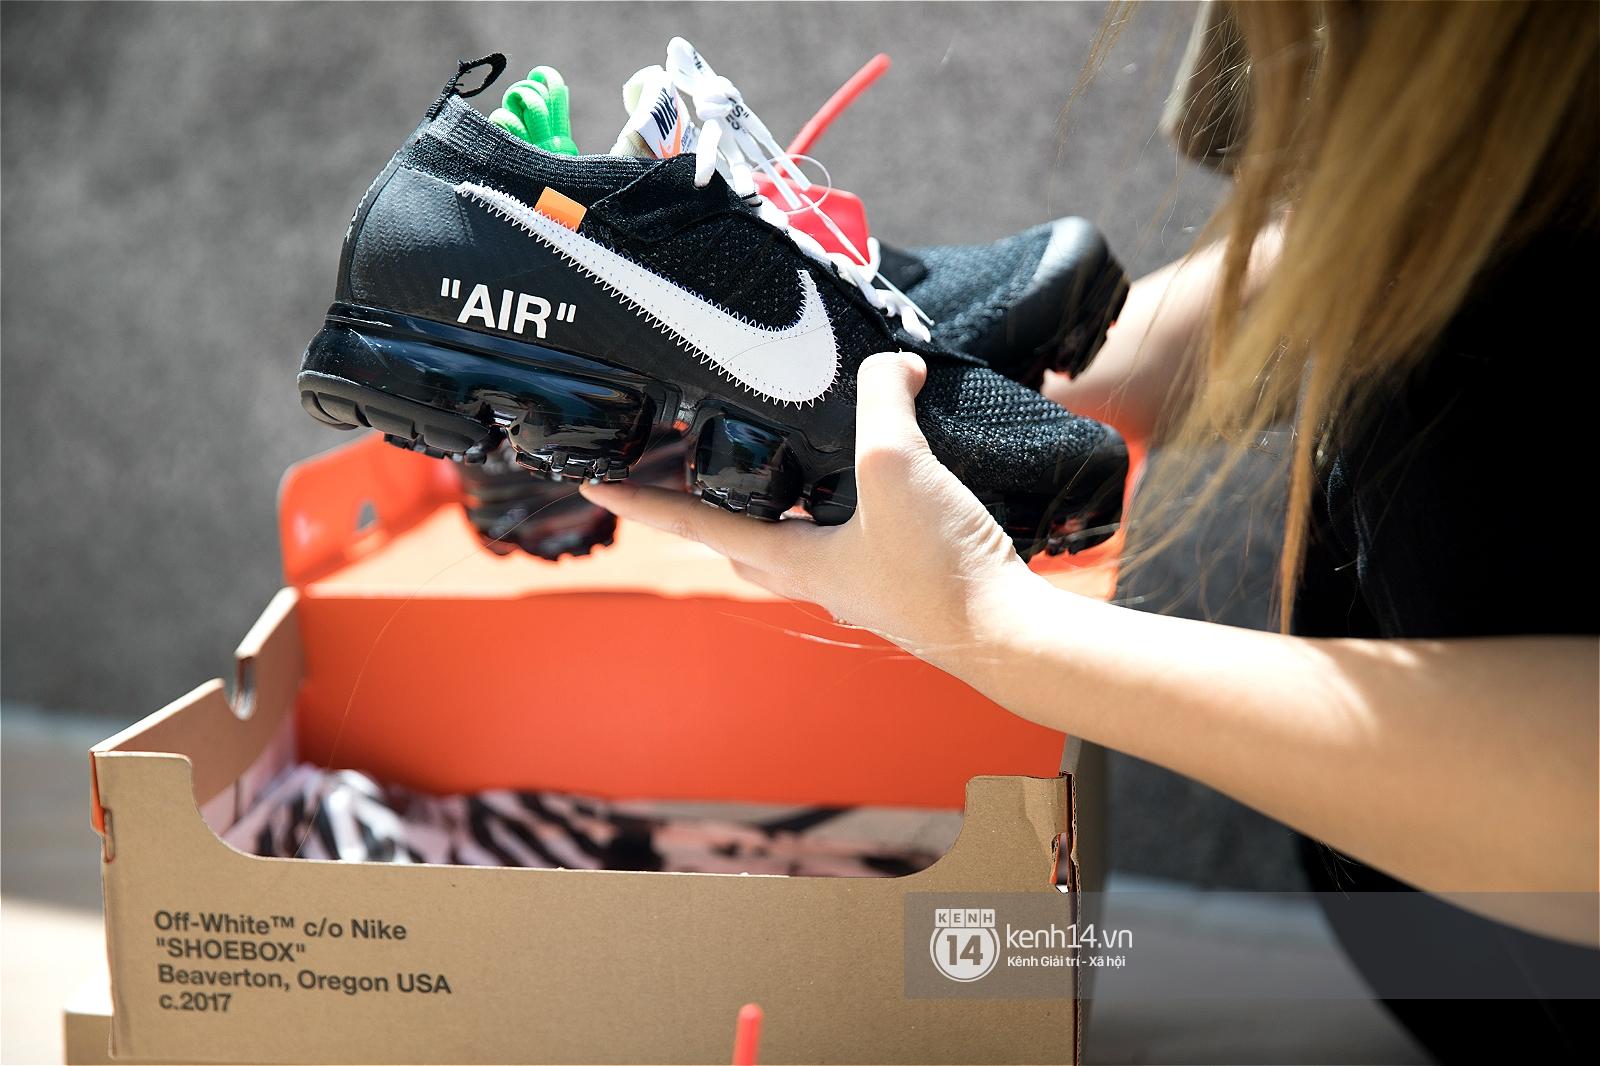 Jillian Nguyễn: đầu giày đã xinh đẹp, sở hữu gia tài sneakers đáng nể lại còn custom giày cực đỉnh - Ảnh 12.